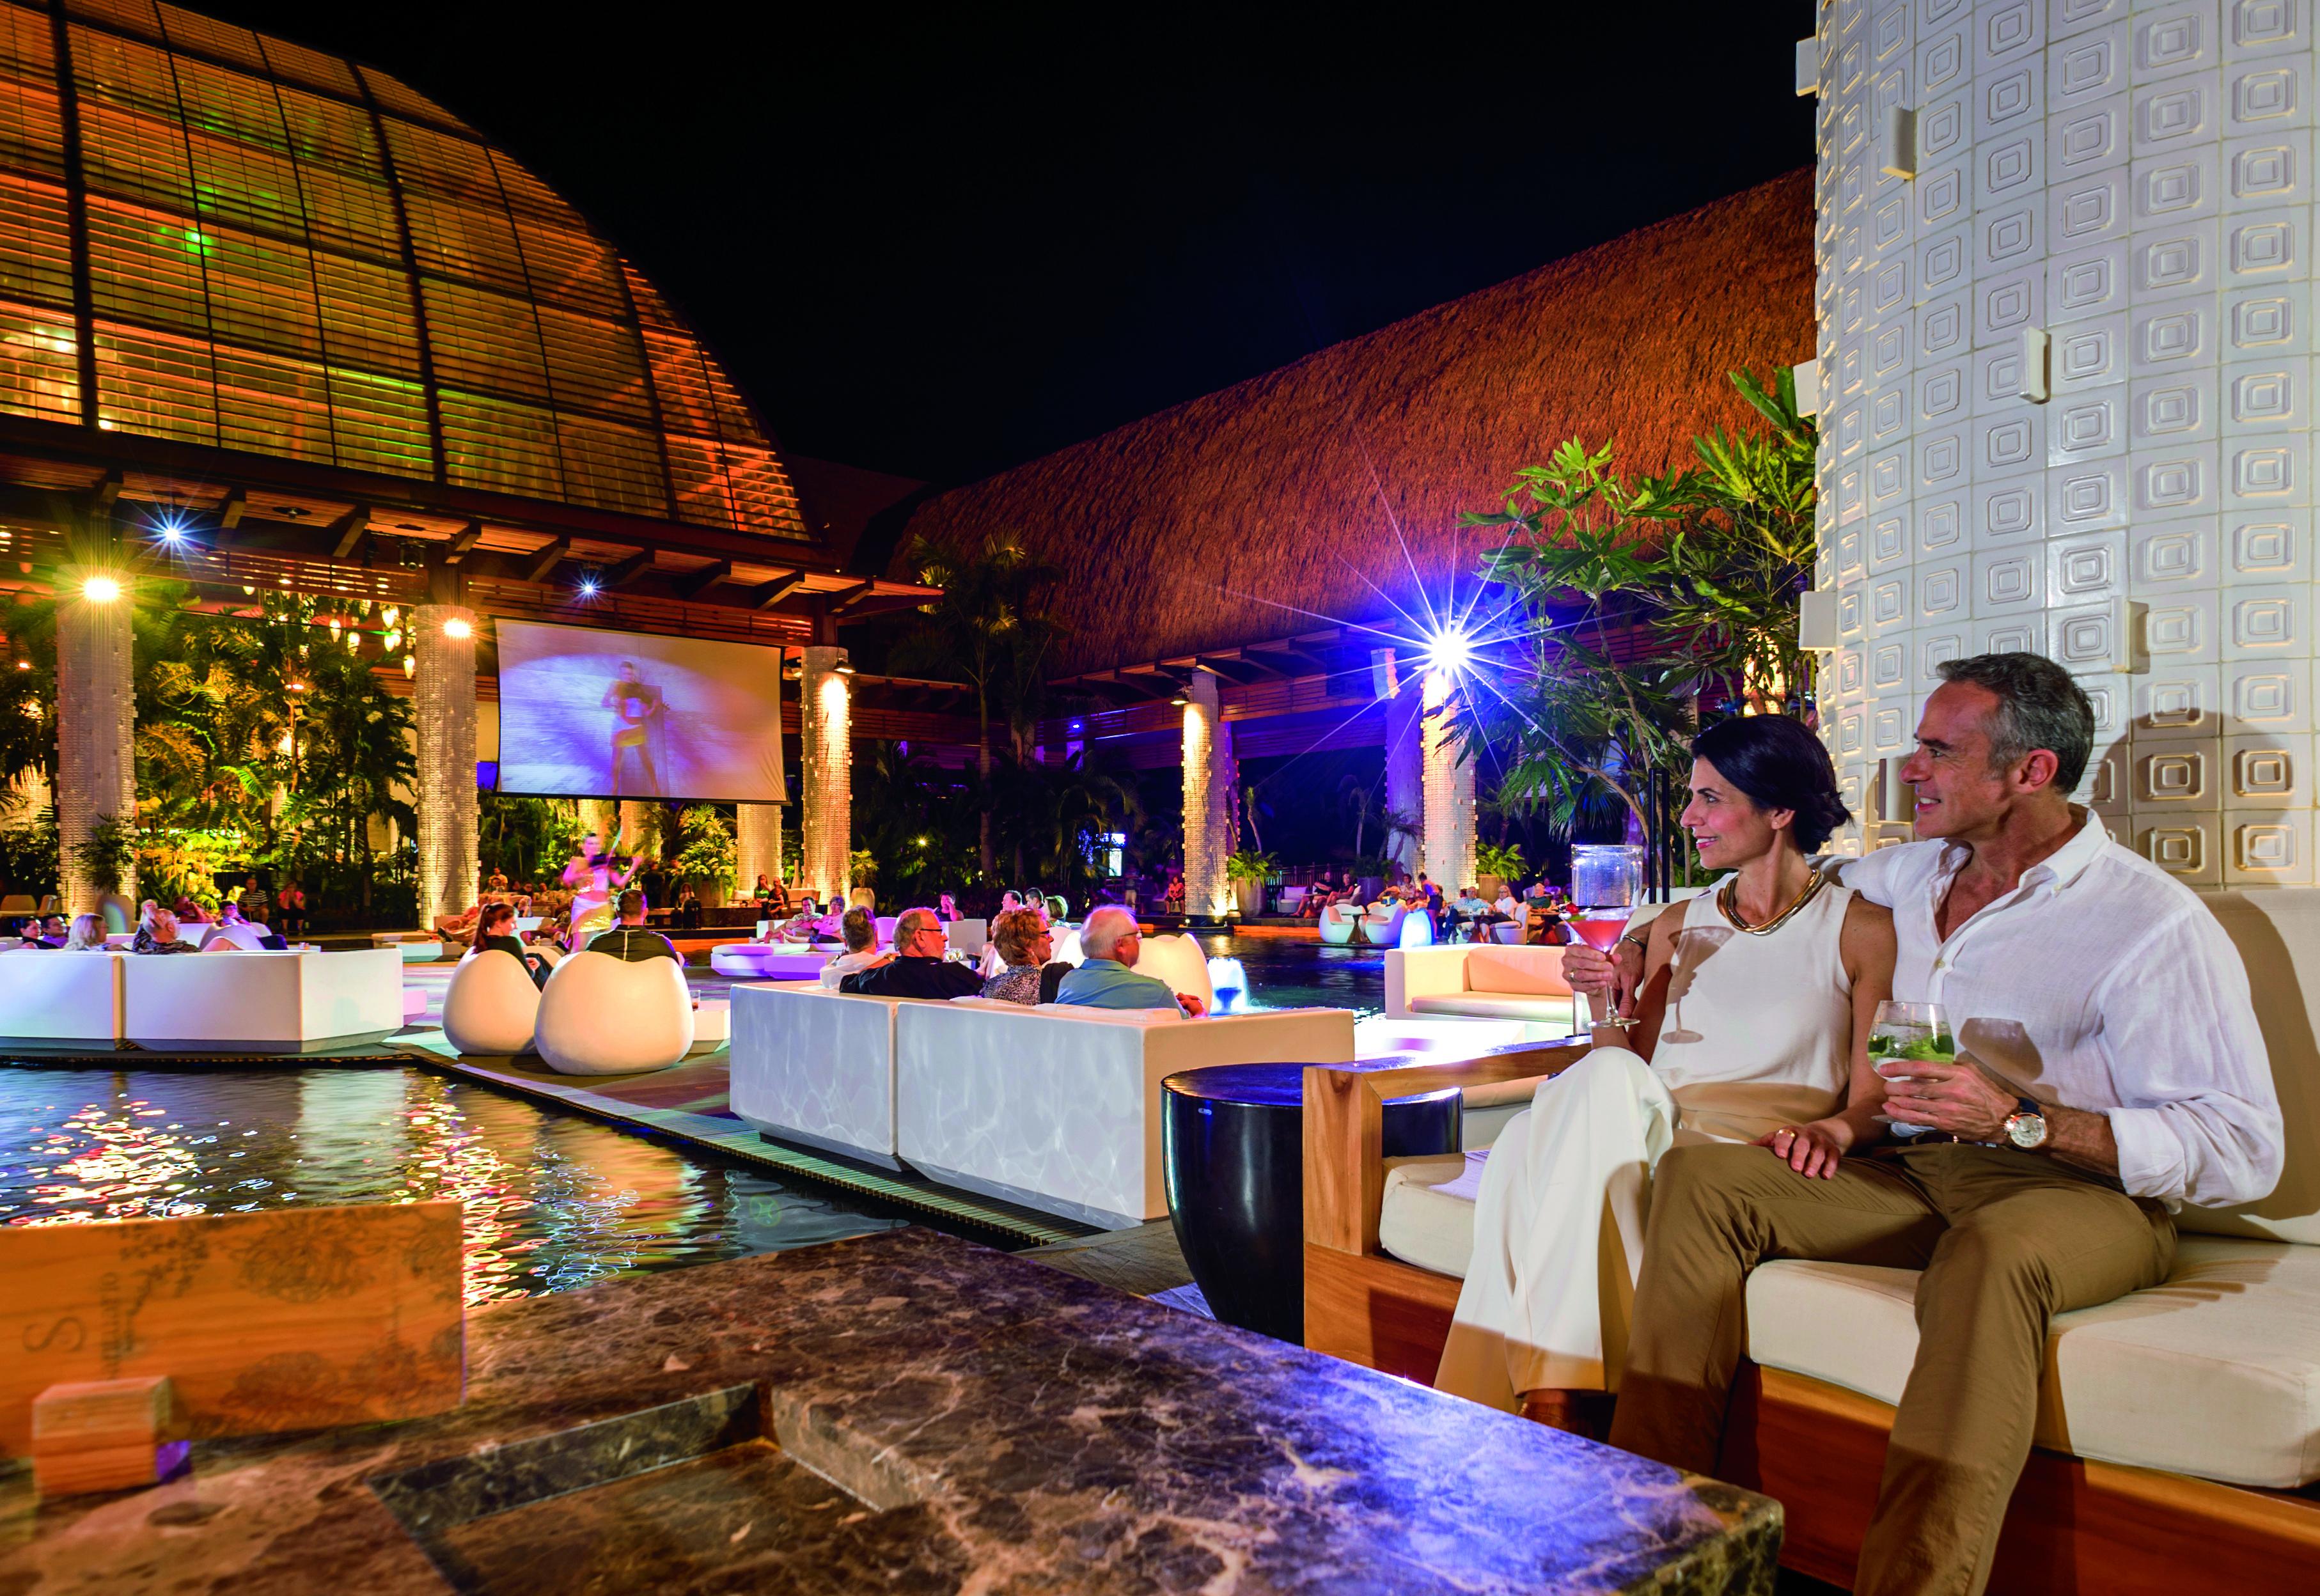 Santuario Vidanta Outdoor Night Life